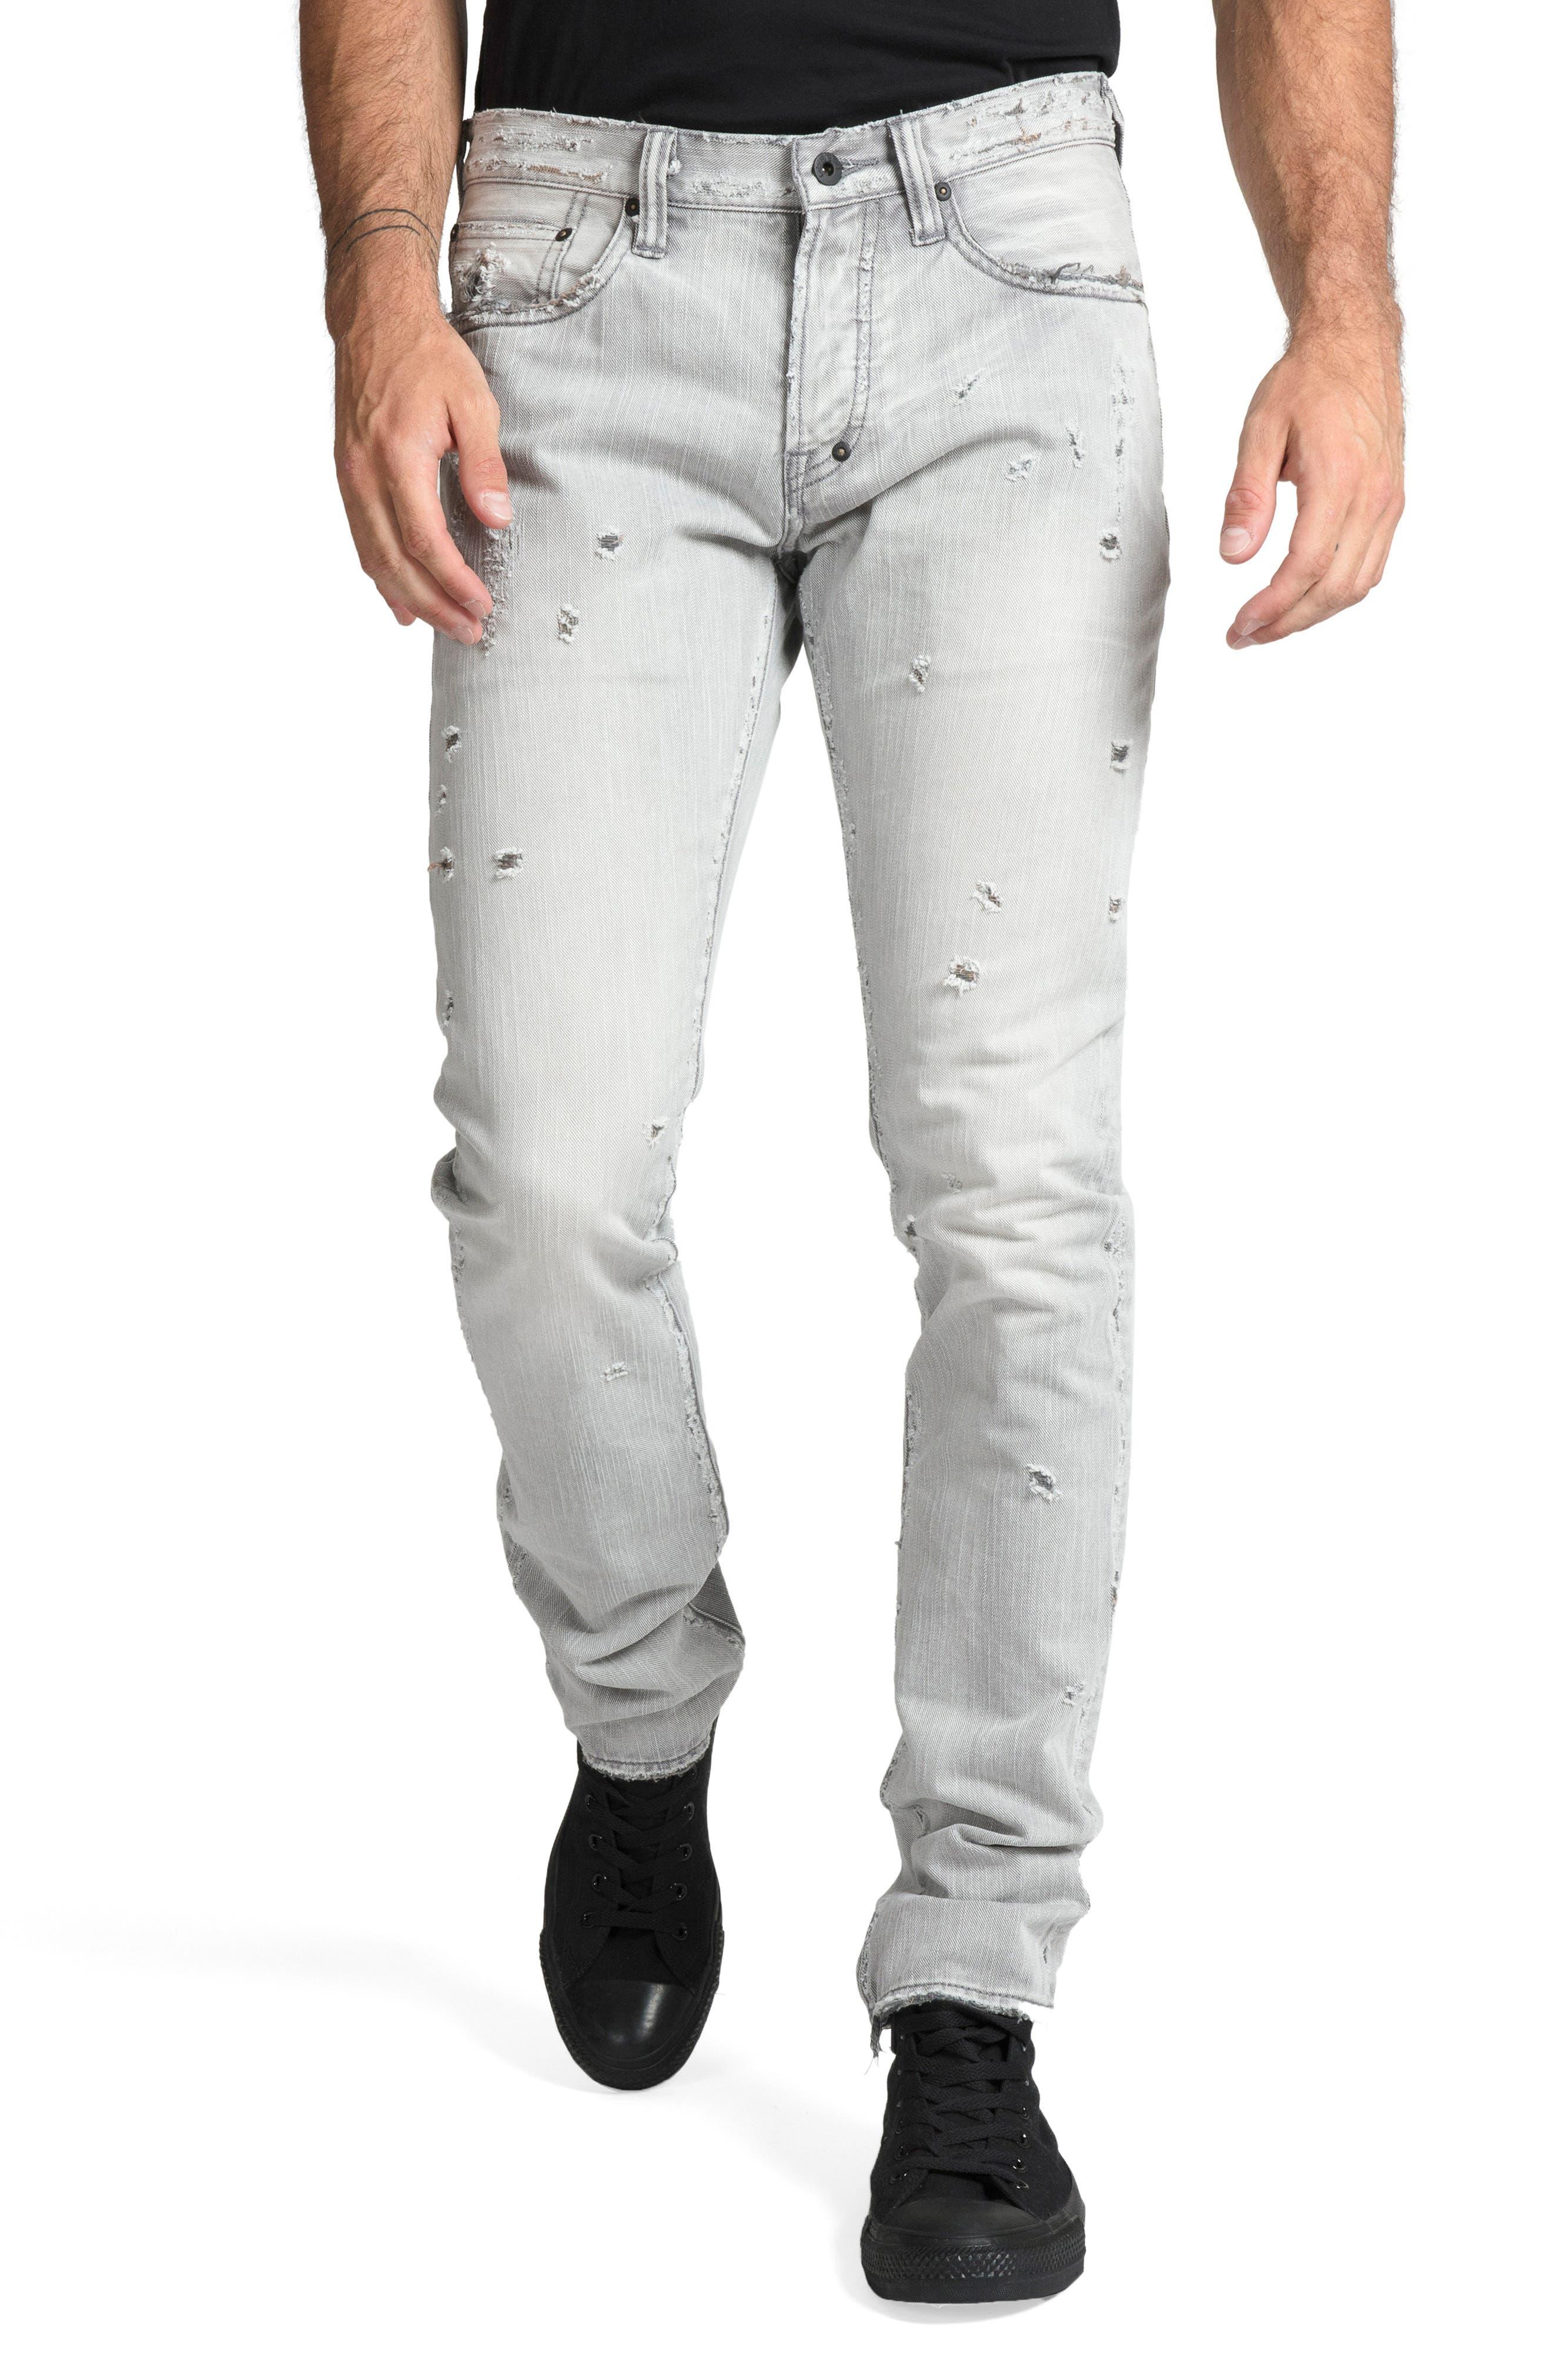 Le Sabre Slim Fit Jeans,                             Main thumbnail 1, color,                             LOUTISH